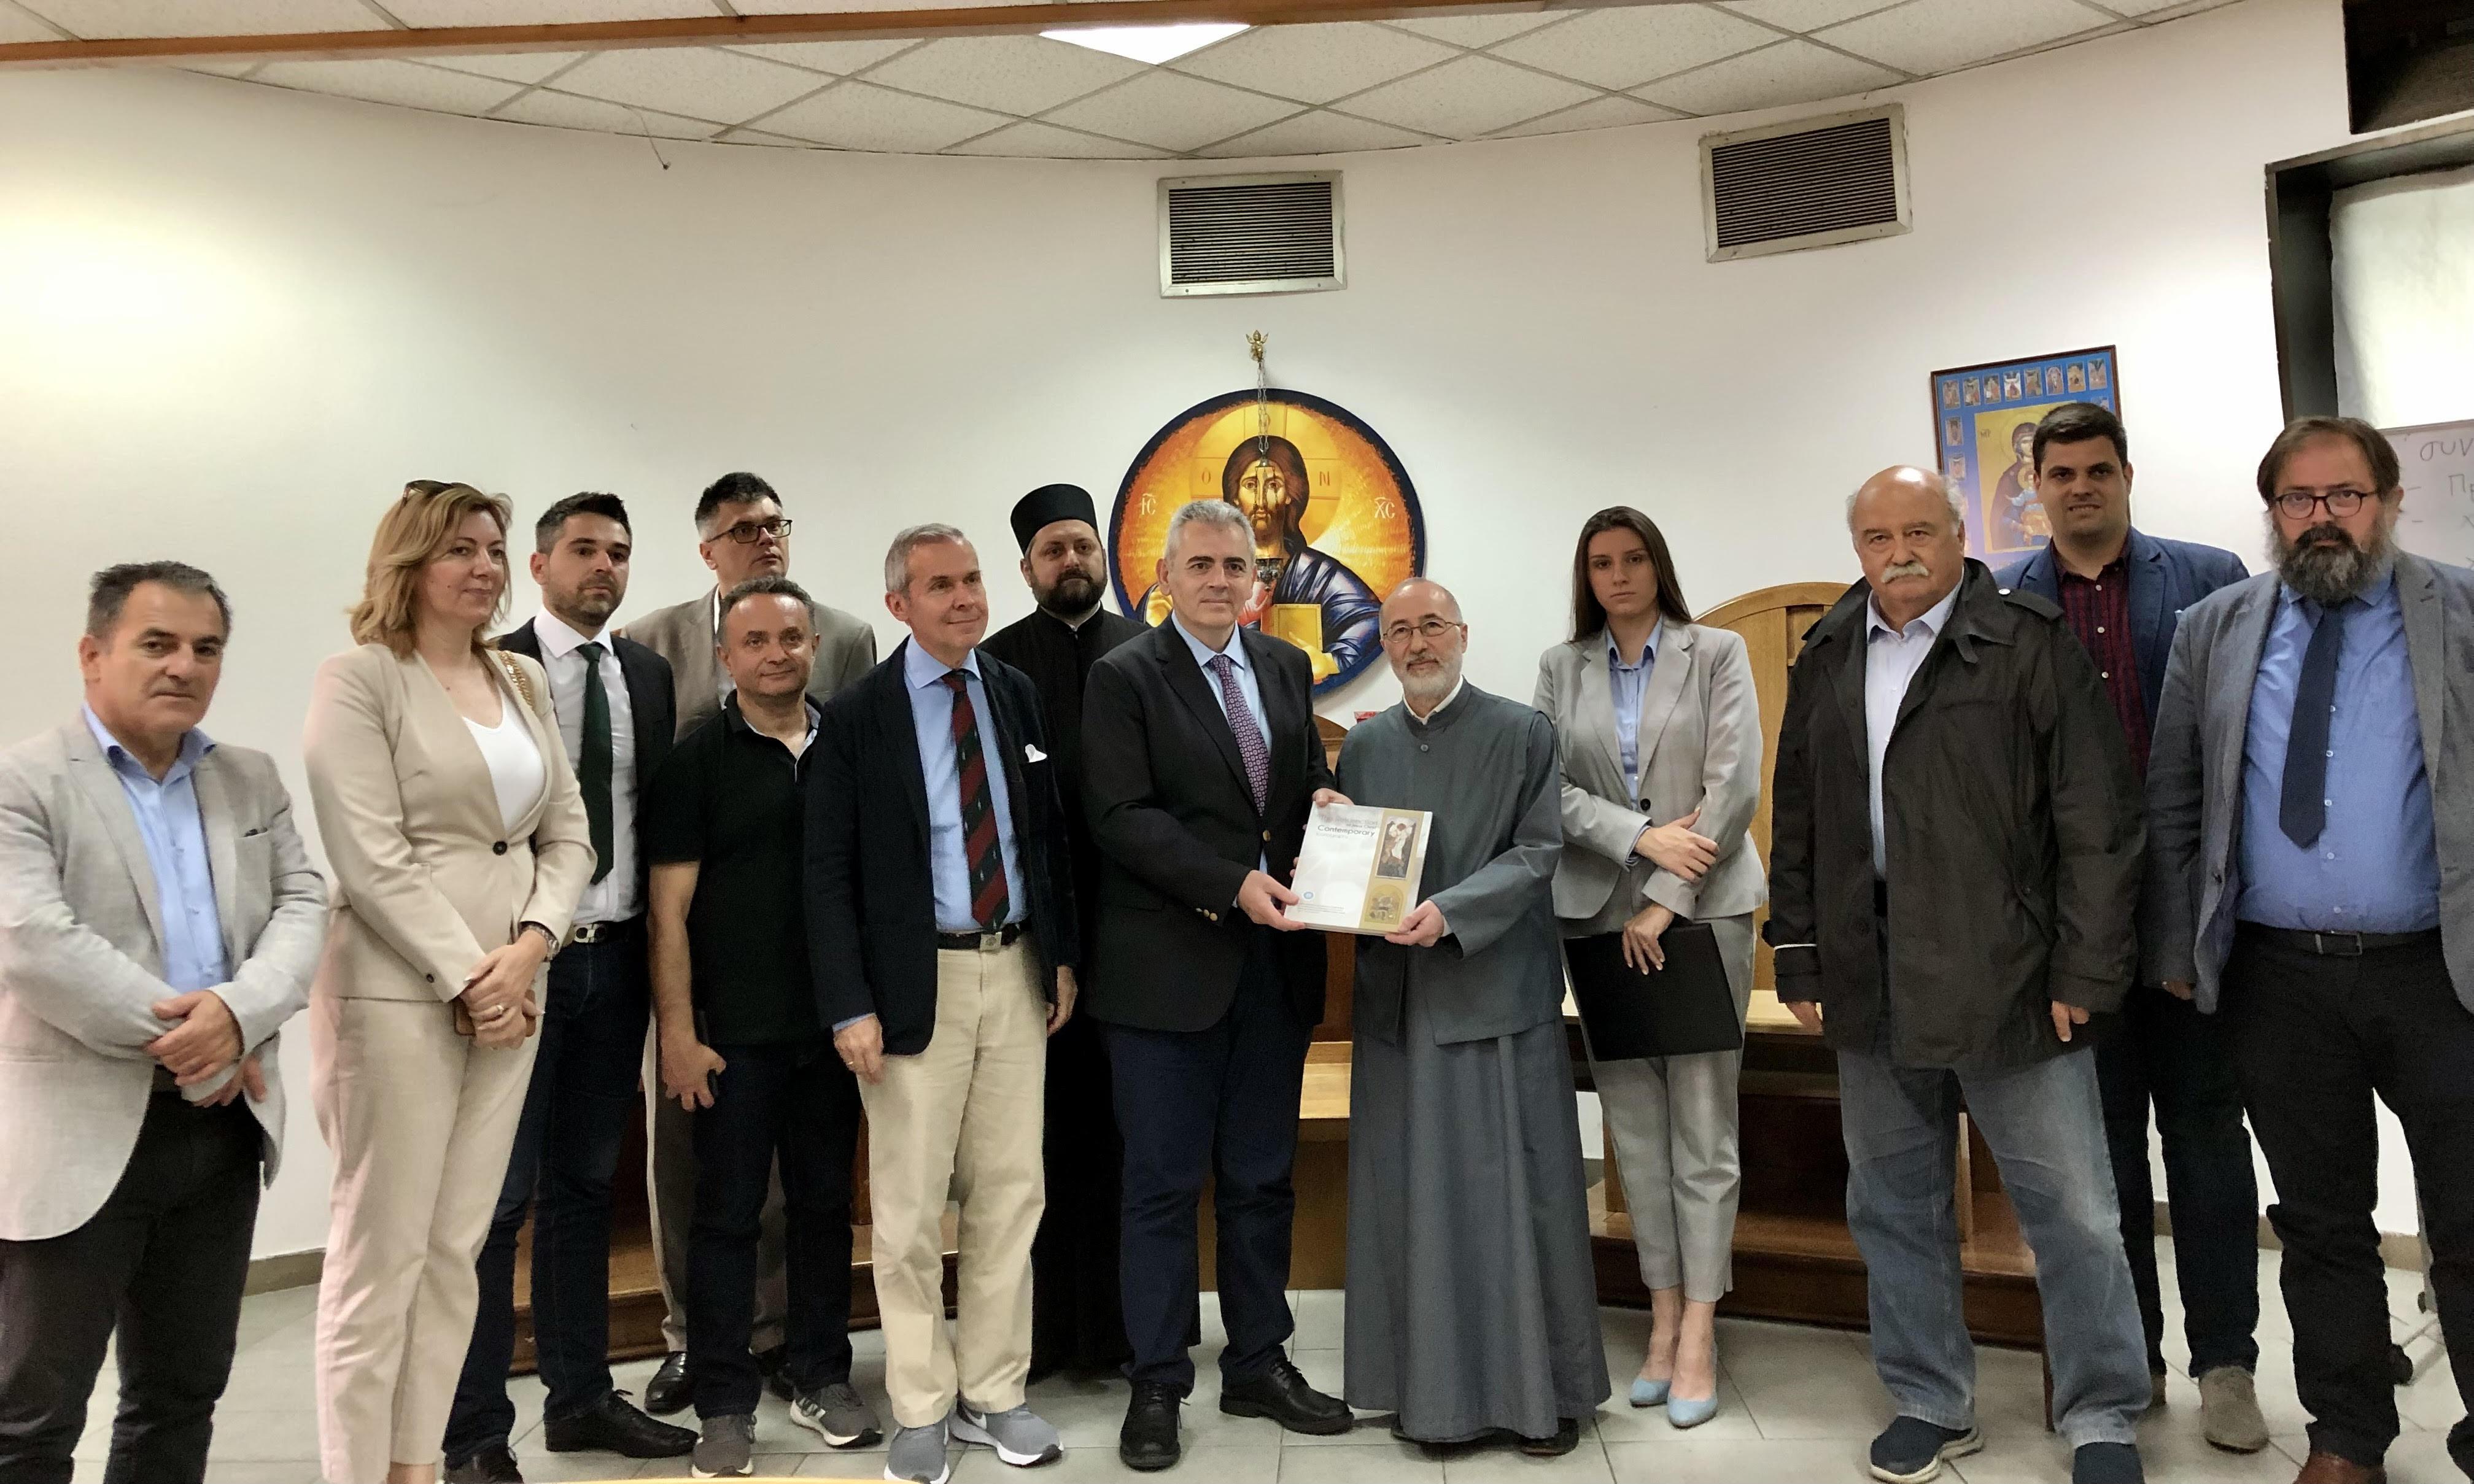 Επίσκεψη στην Θεολογική Σχολή Βελιγραδίου